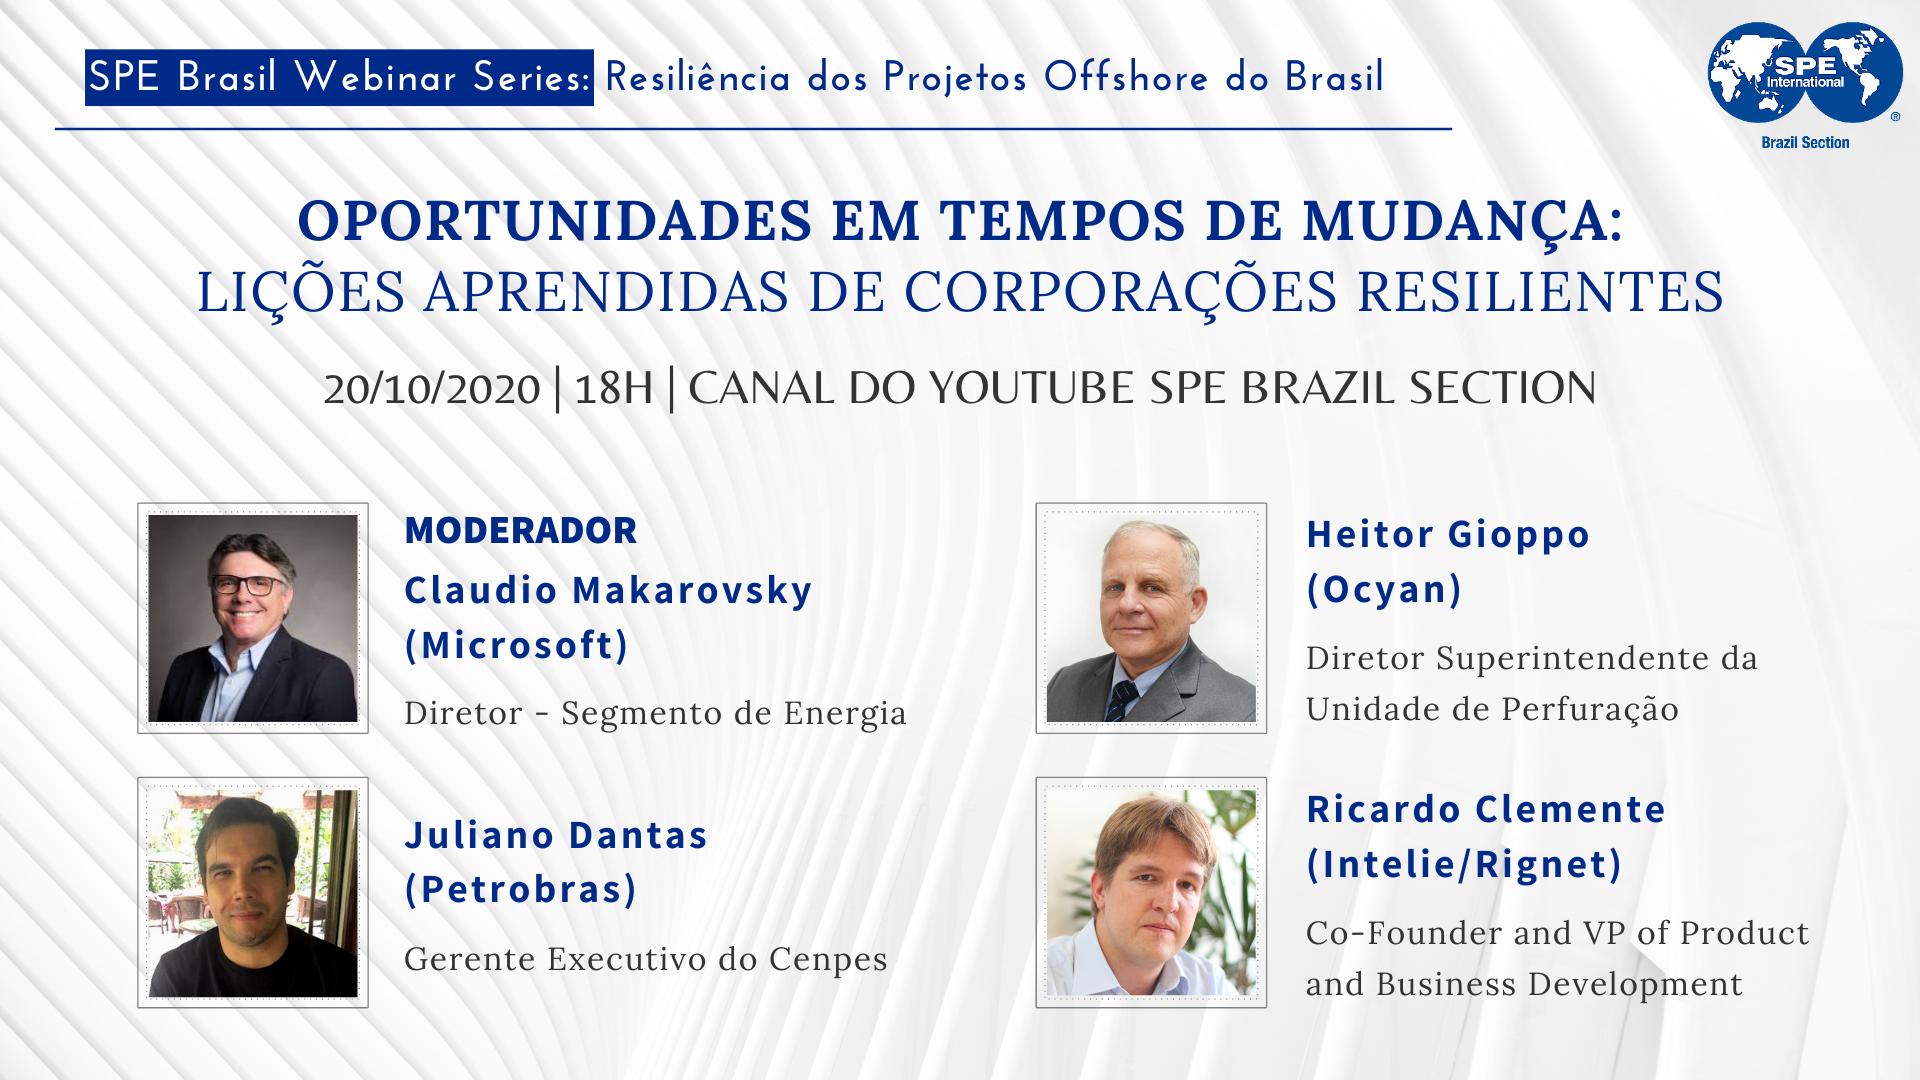 """#12 SPE Brasil Webinar Series: """"Oportunidades em tempos de mudança: lições aprendidas de corporações resilientes"""""""